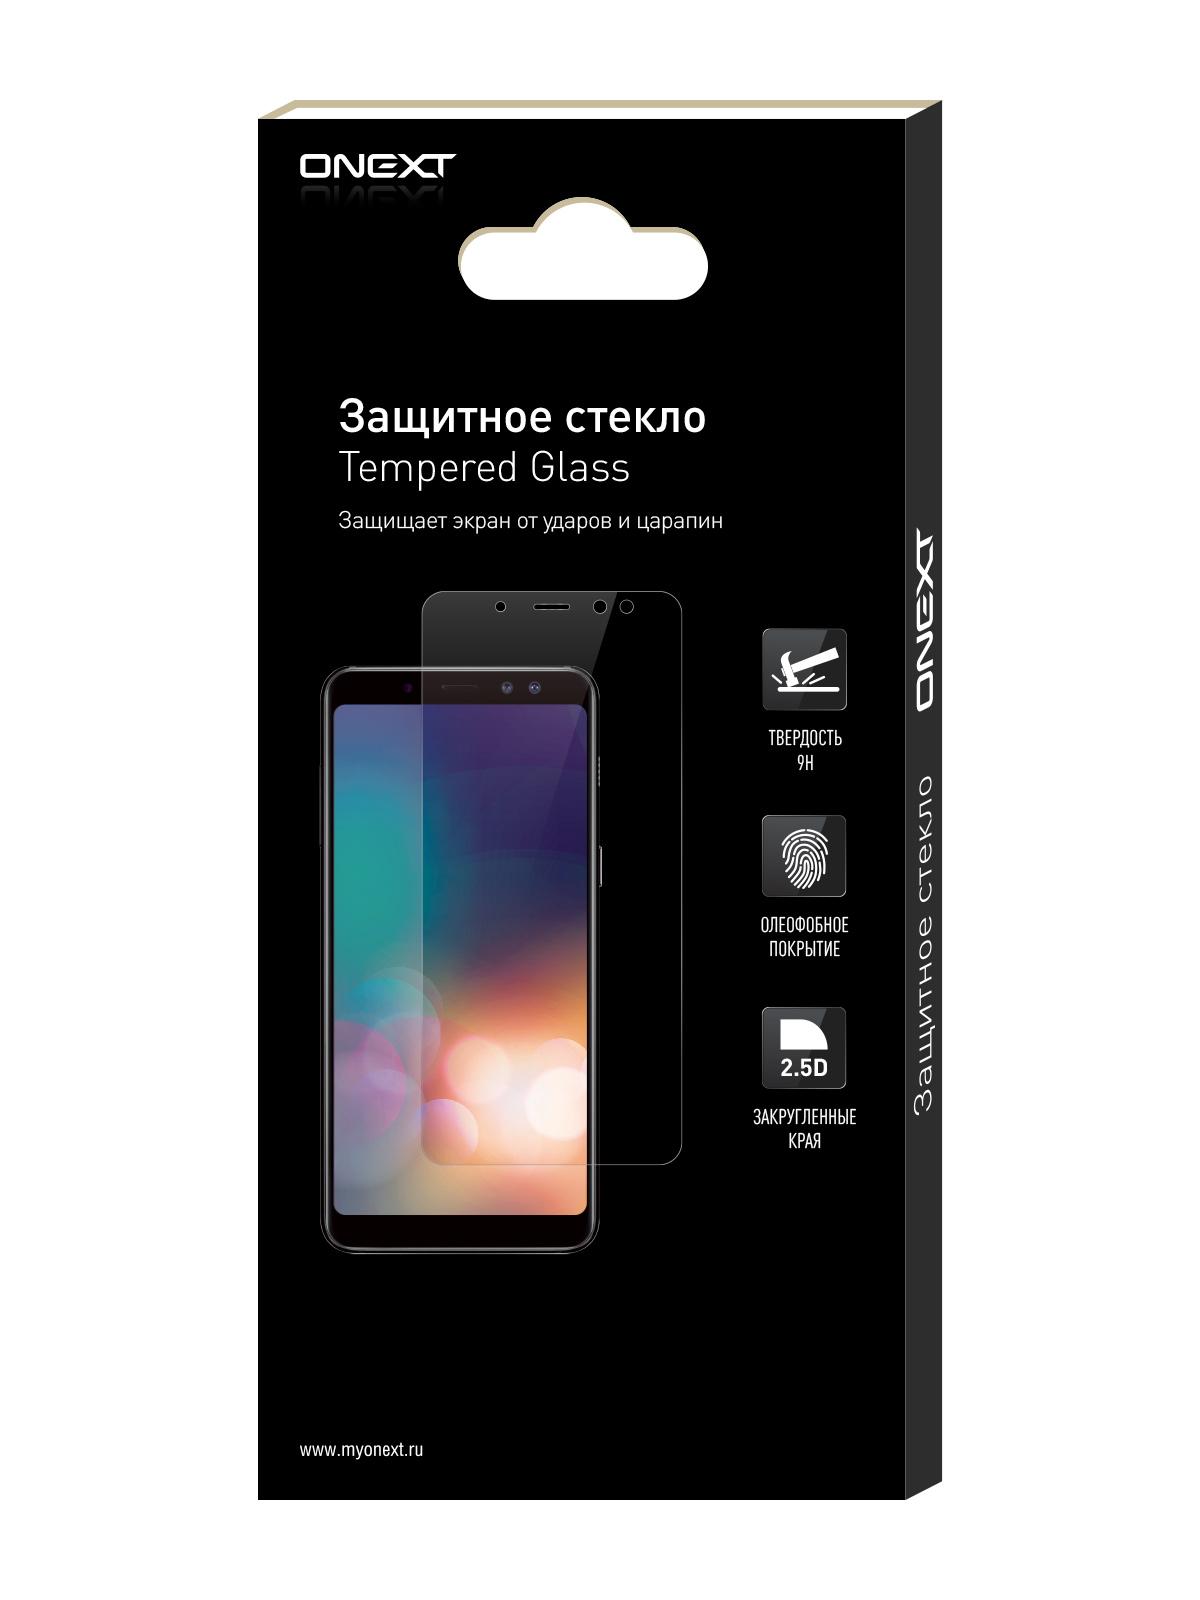 Защитное стекло ONEXT HTC Desire 626 lx 5